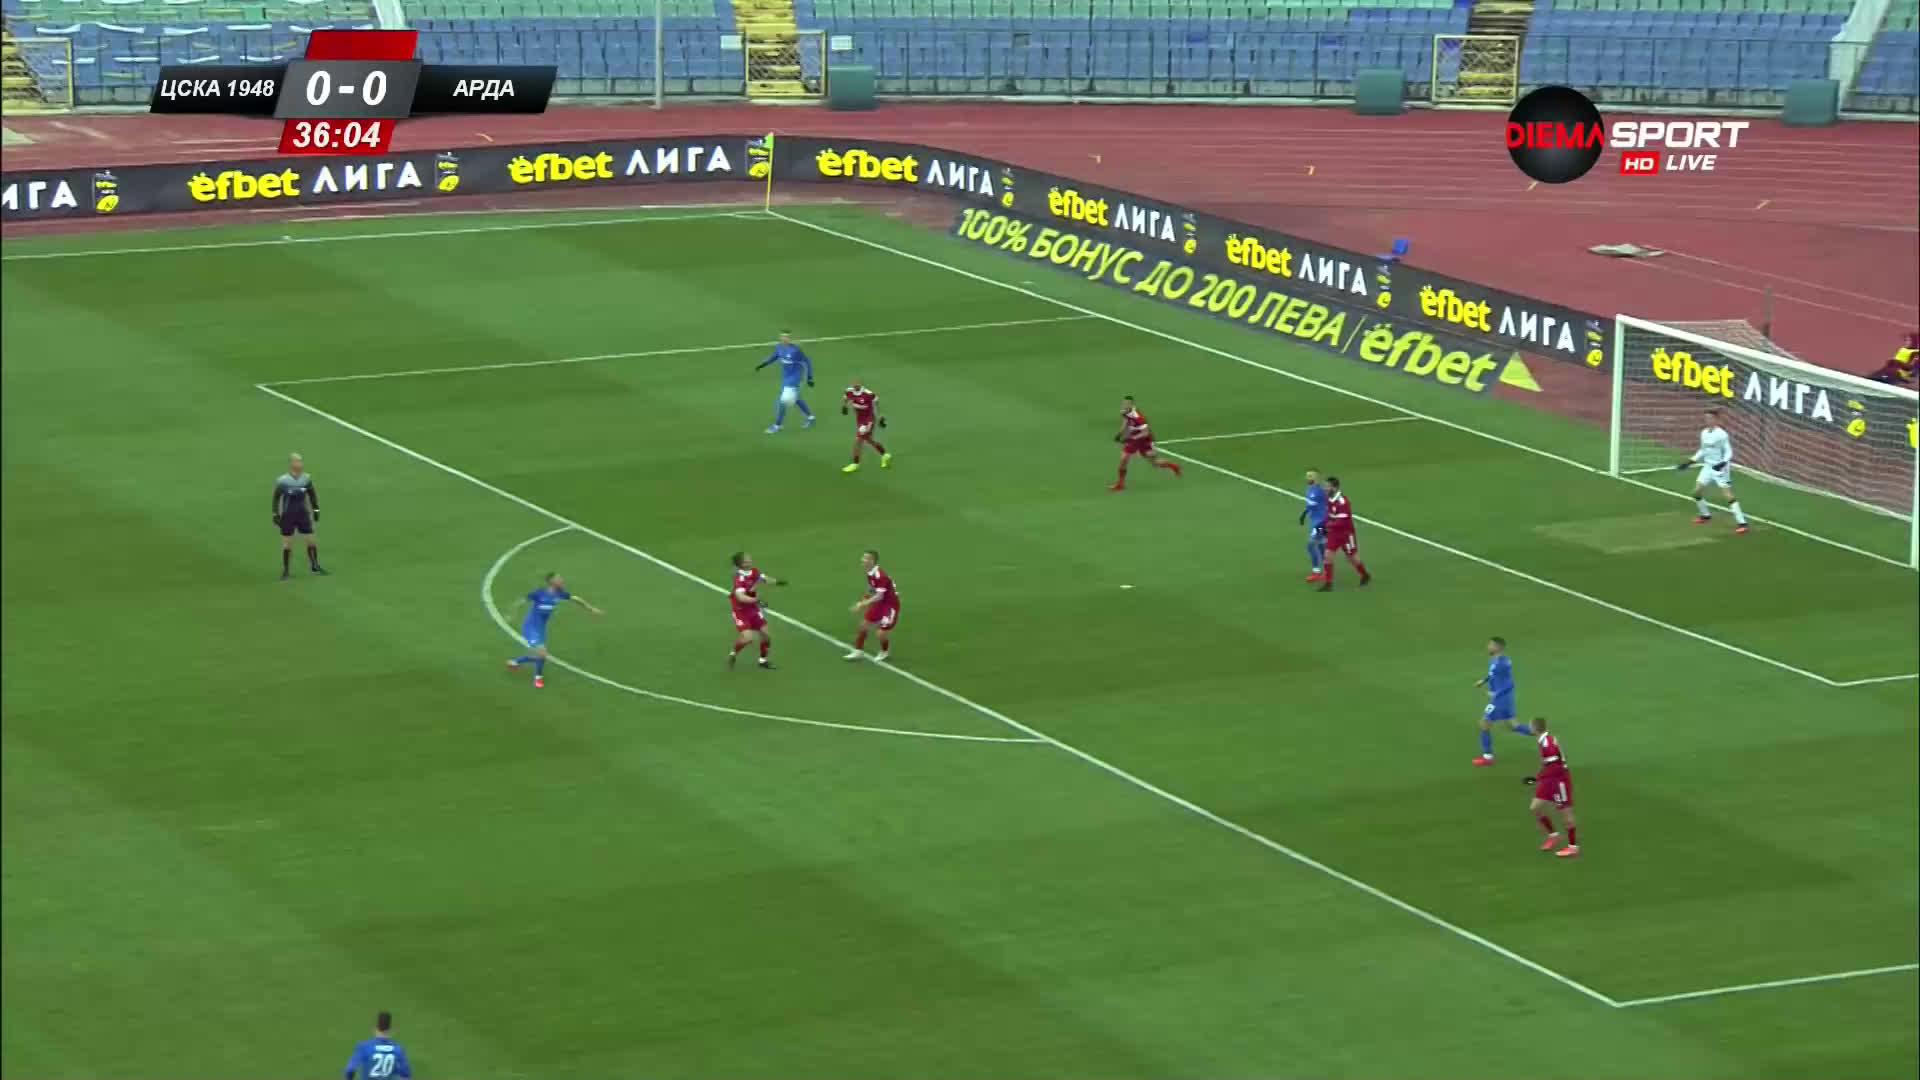 ЦСКА 1948 - Арда 0:0 /първо полувреме/